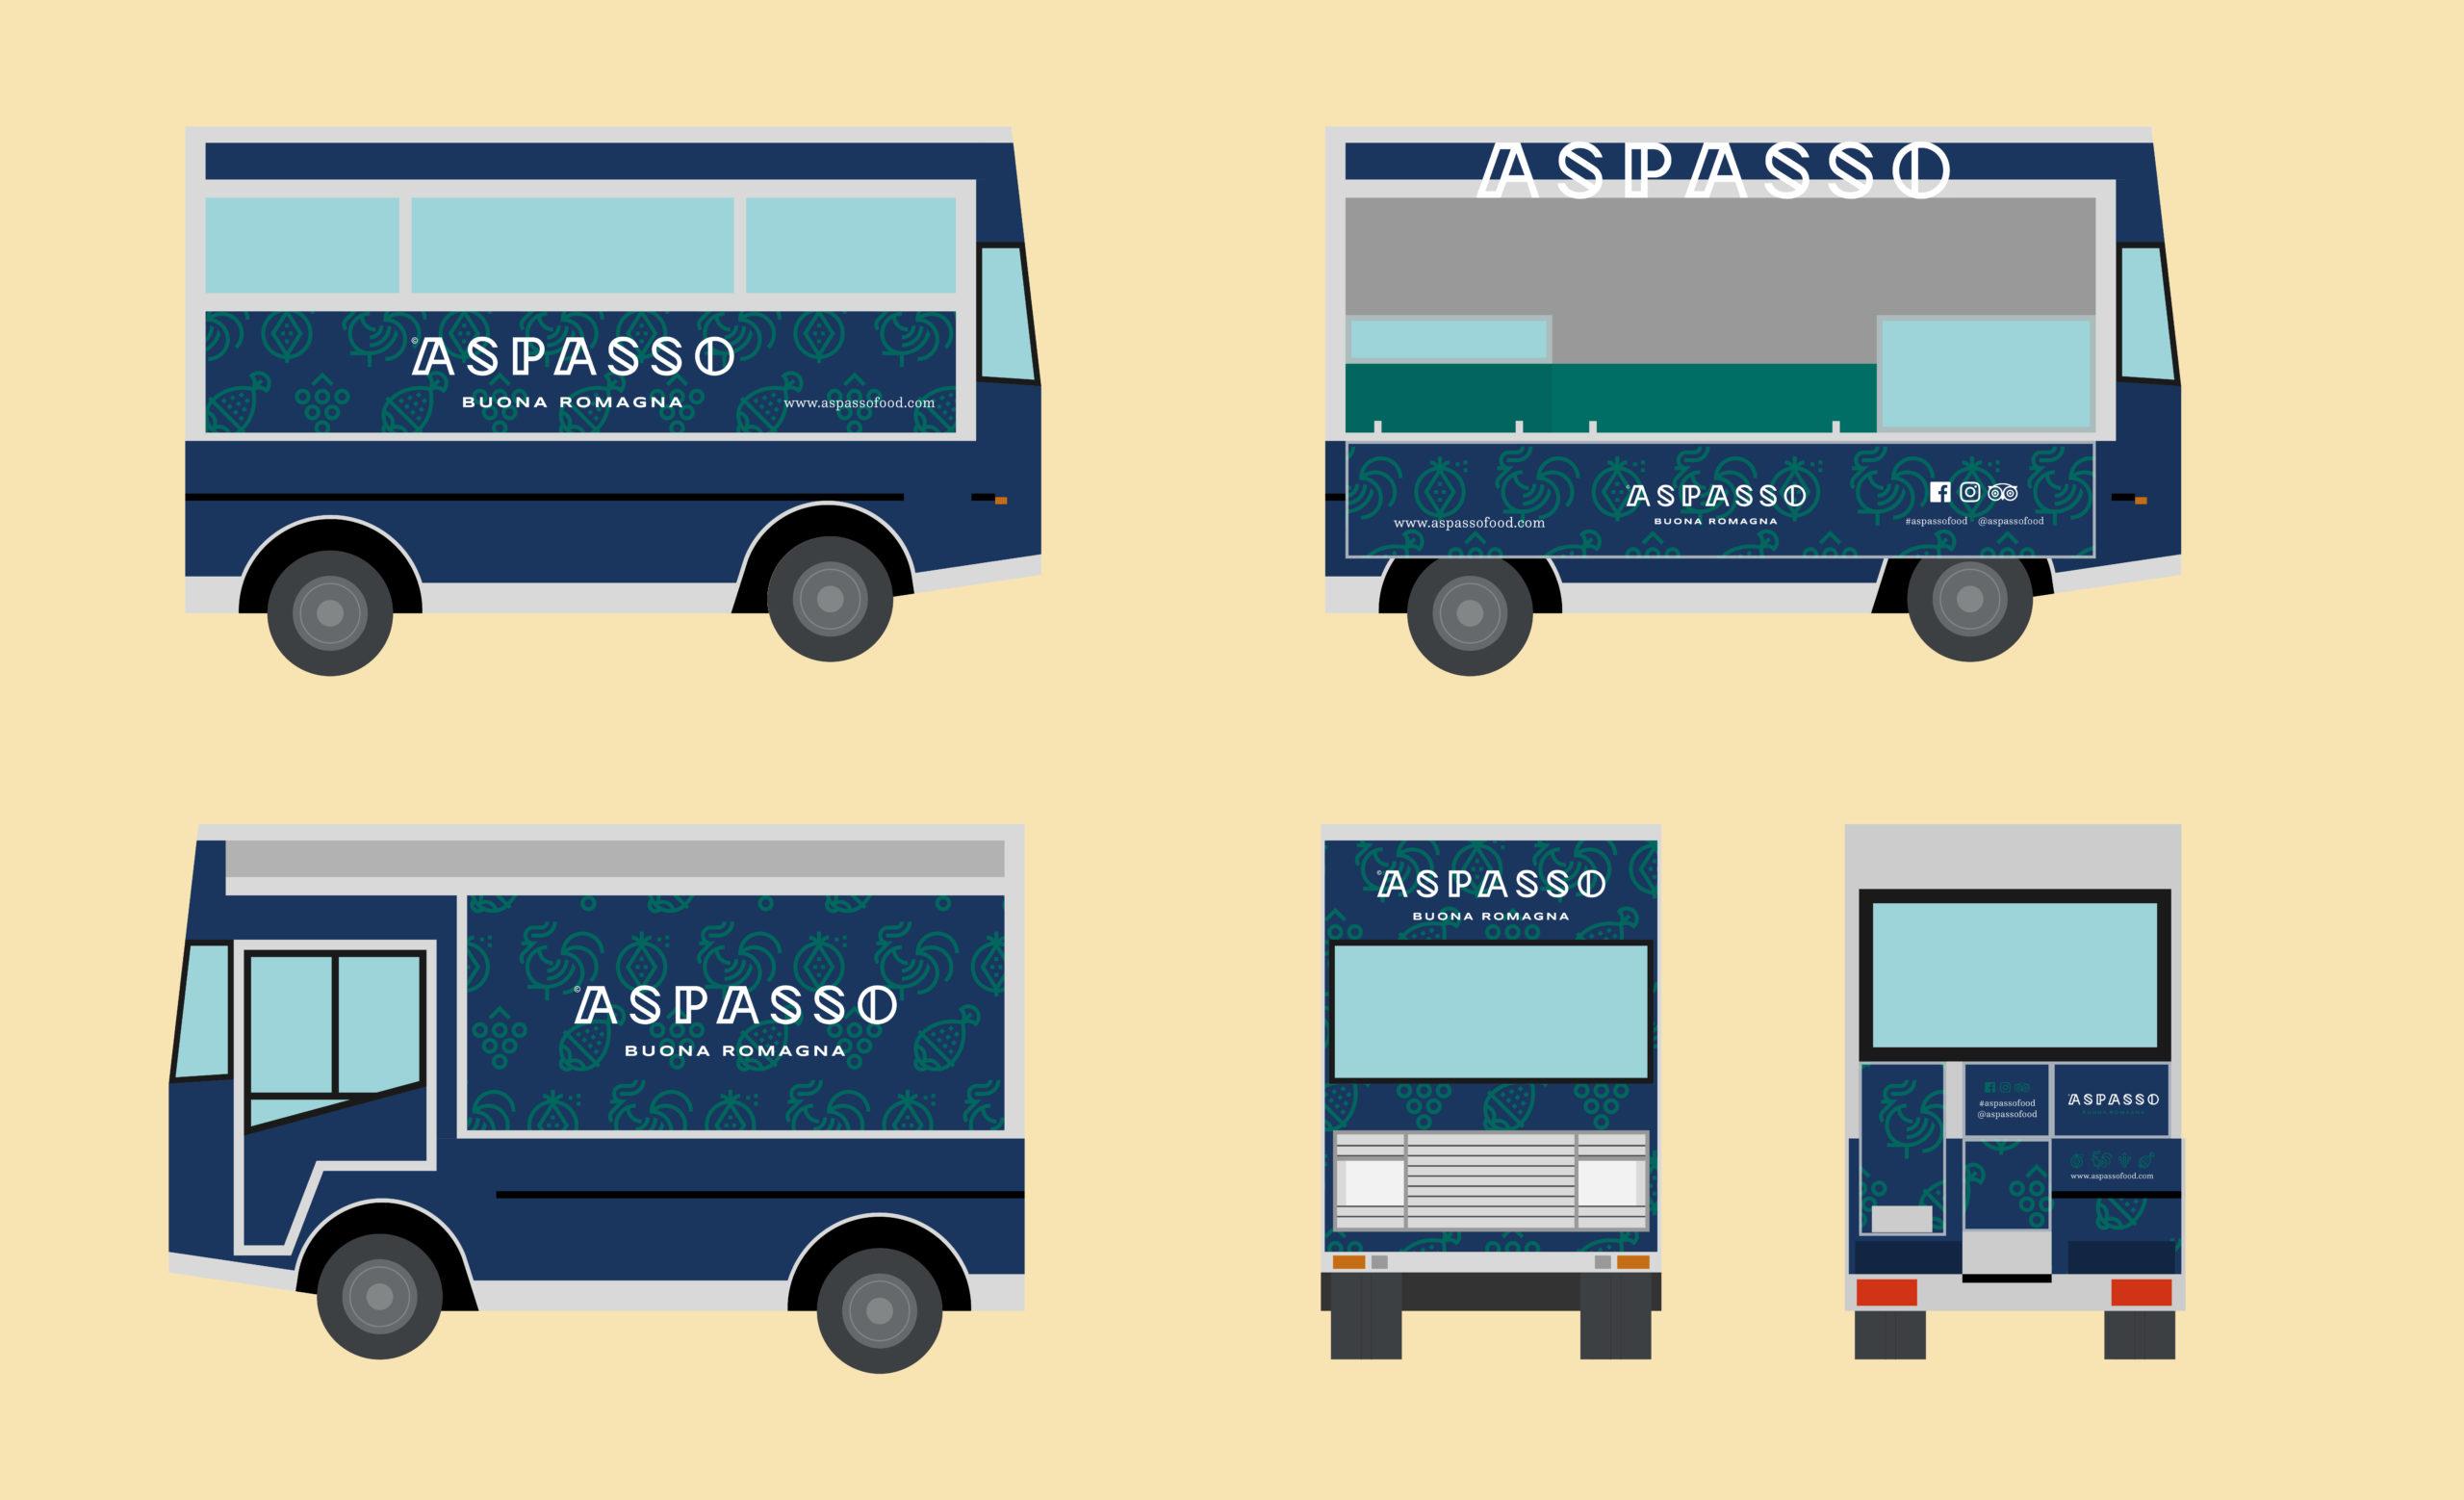 ASPASSO_TRUCK_R03 - Constudio